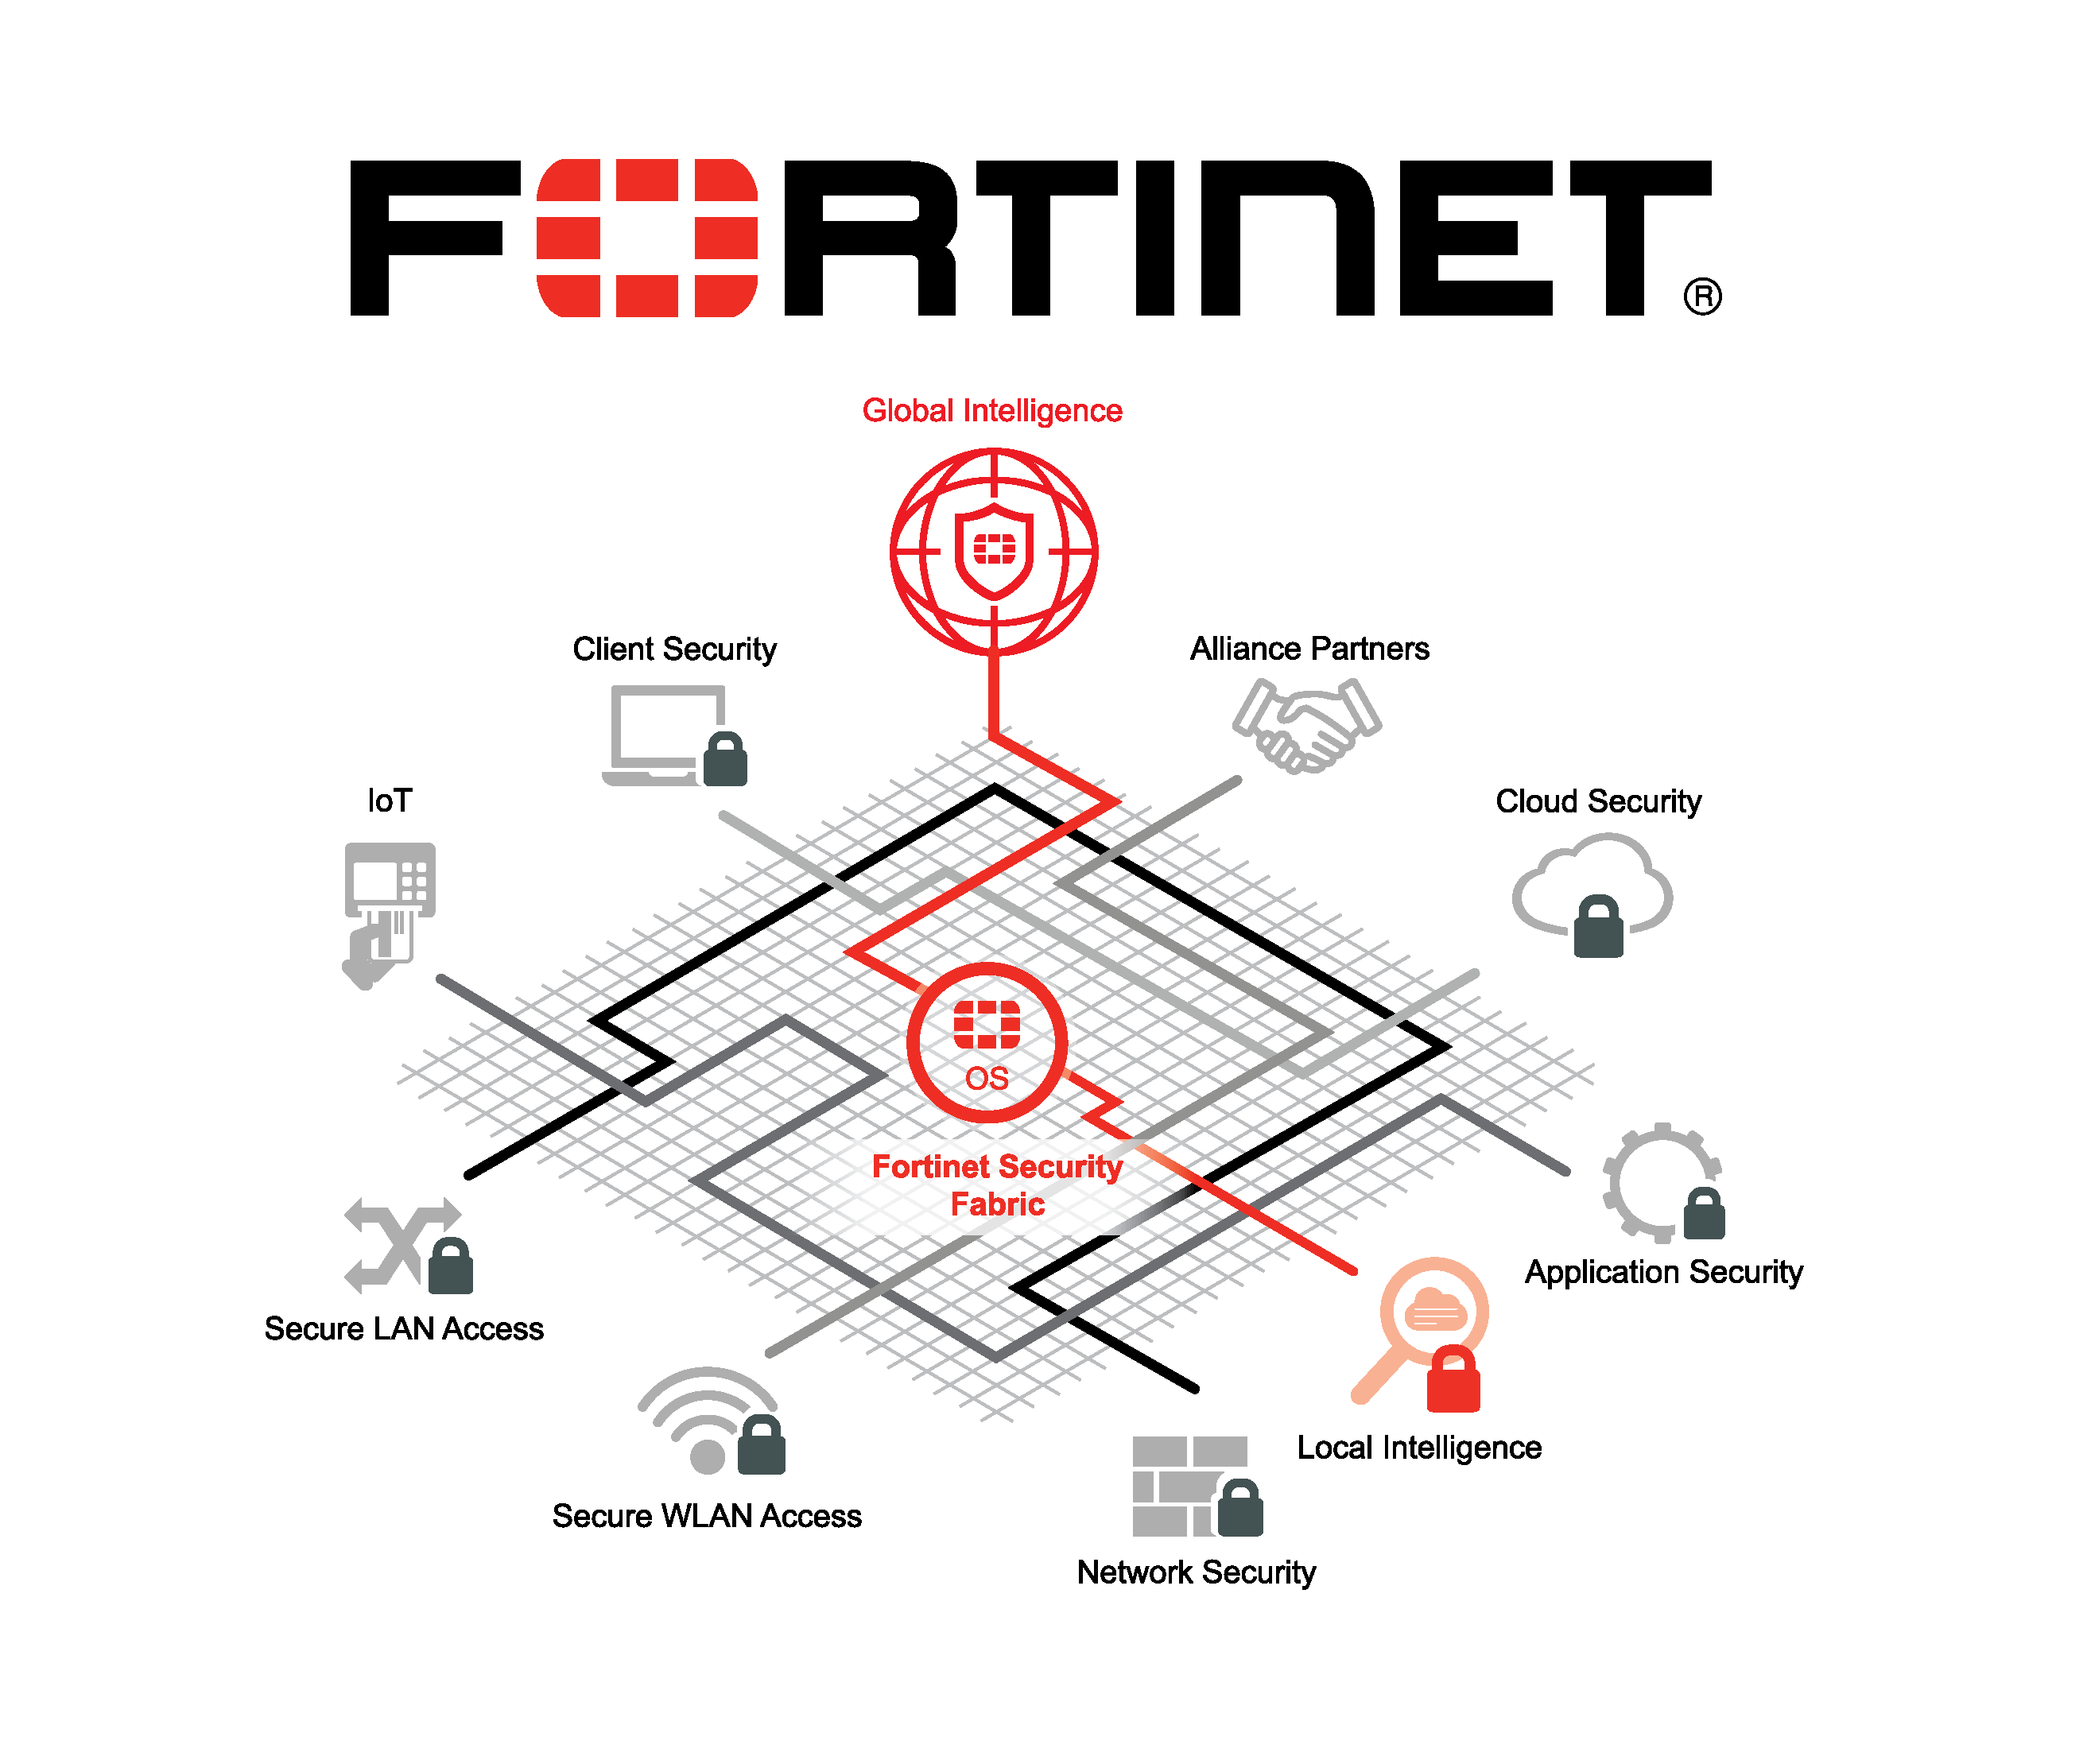 نمایندگی فروش فورتینت (Fortinet)